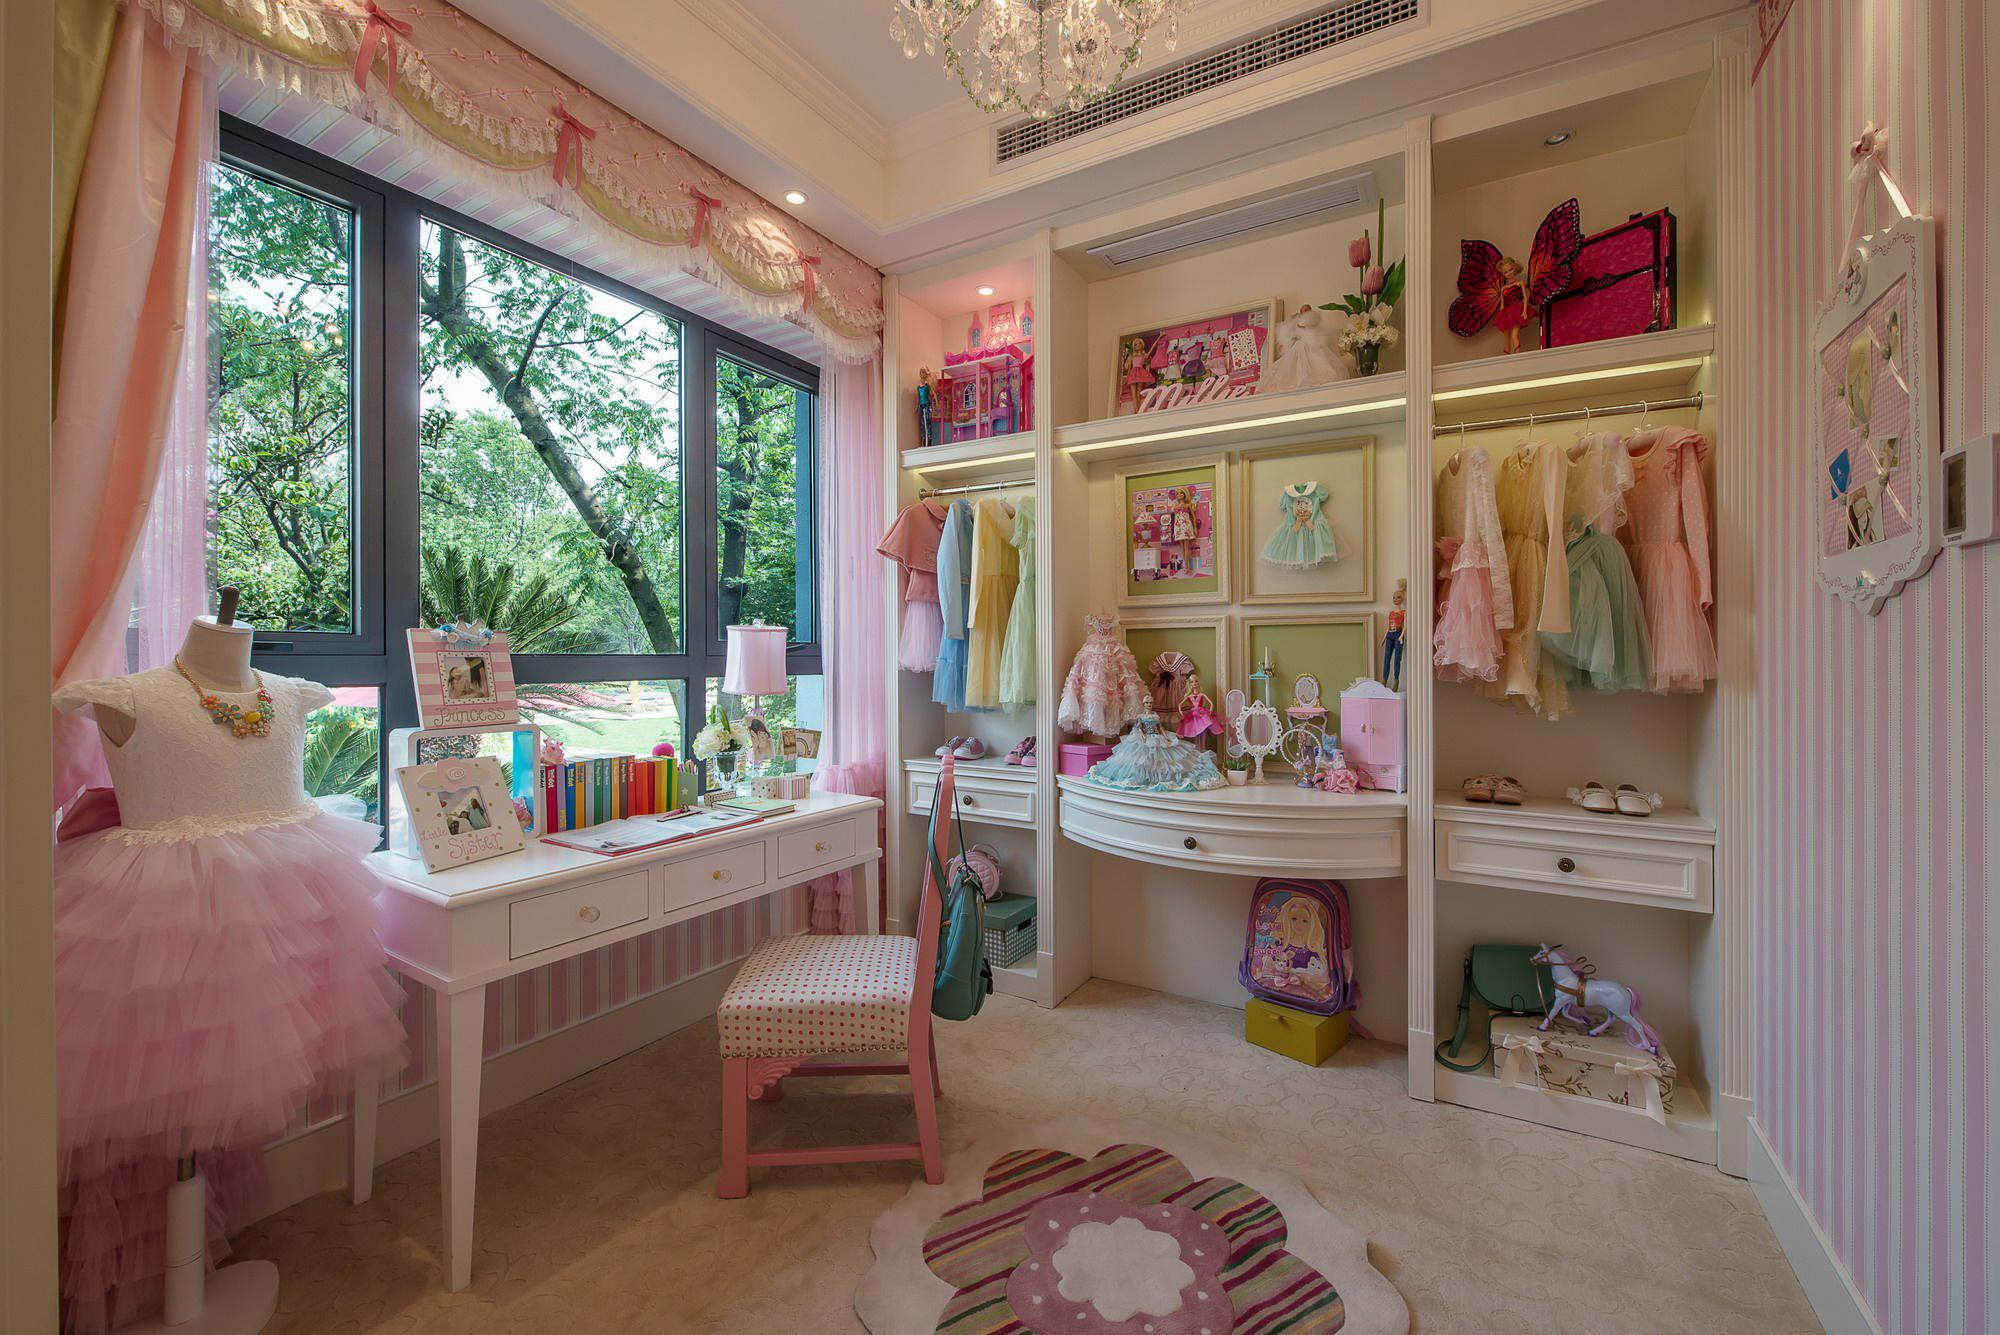 豪华美式风格别墅儿童房装修效果图